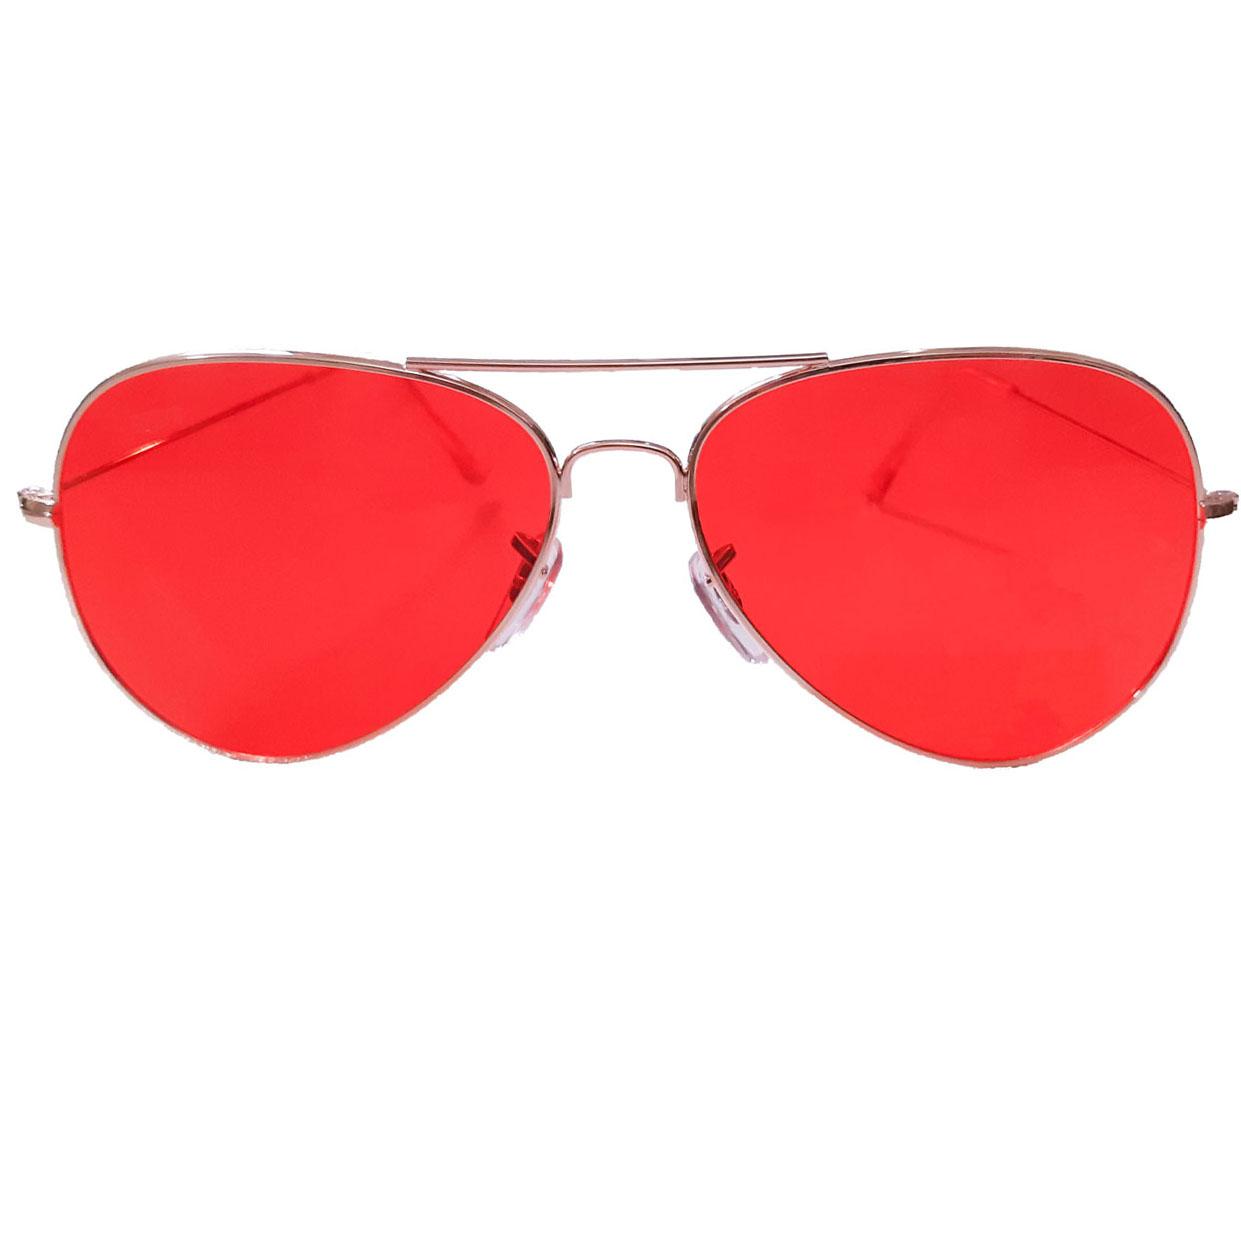 قیمت عینک آفتابی مدل 2040